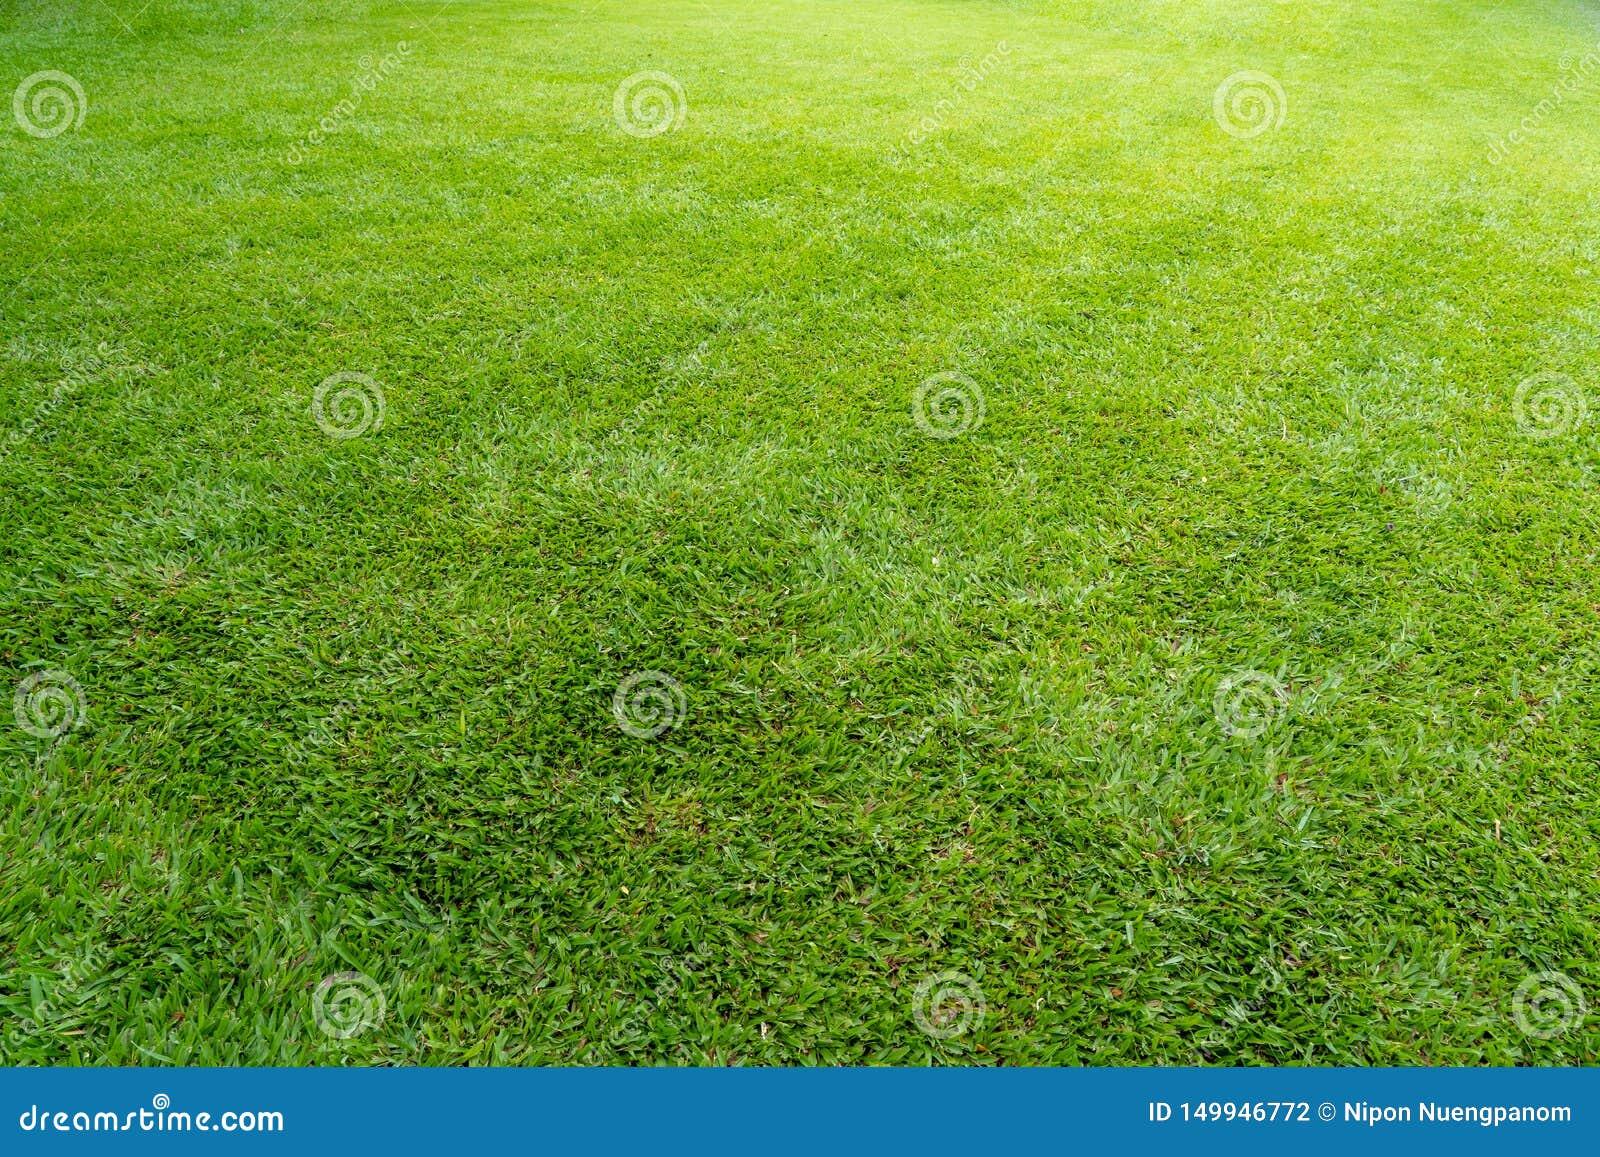 Grüne Wiesenrasenfläche für Hintergrund